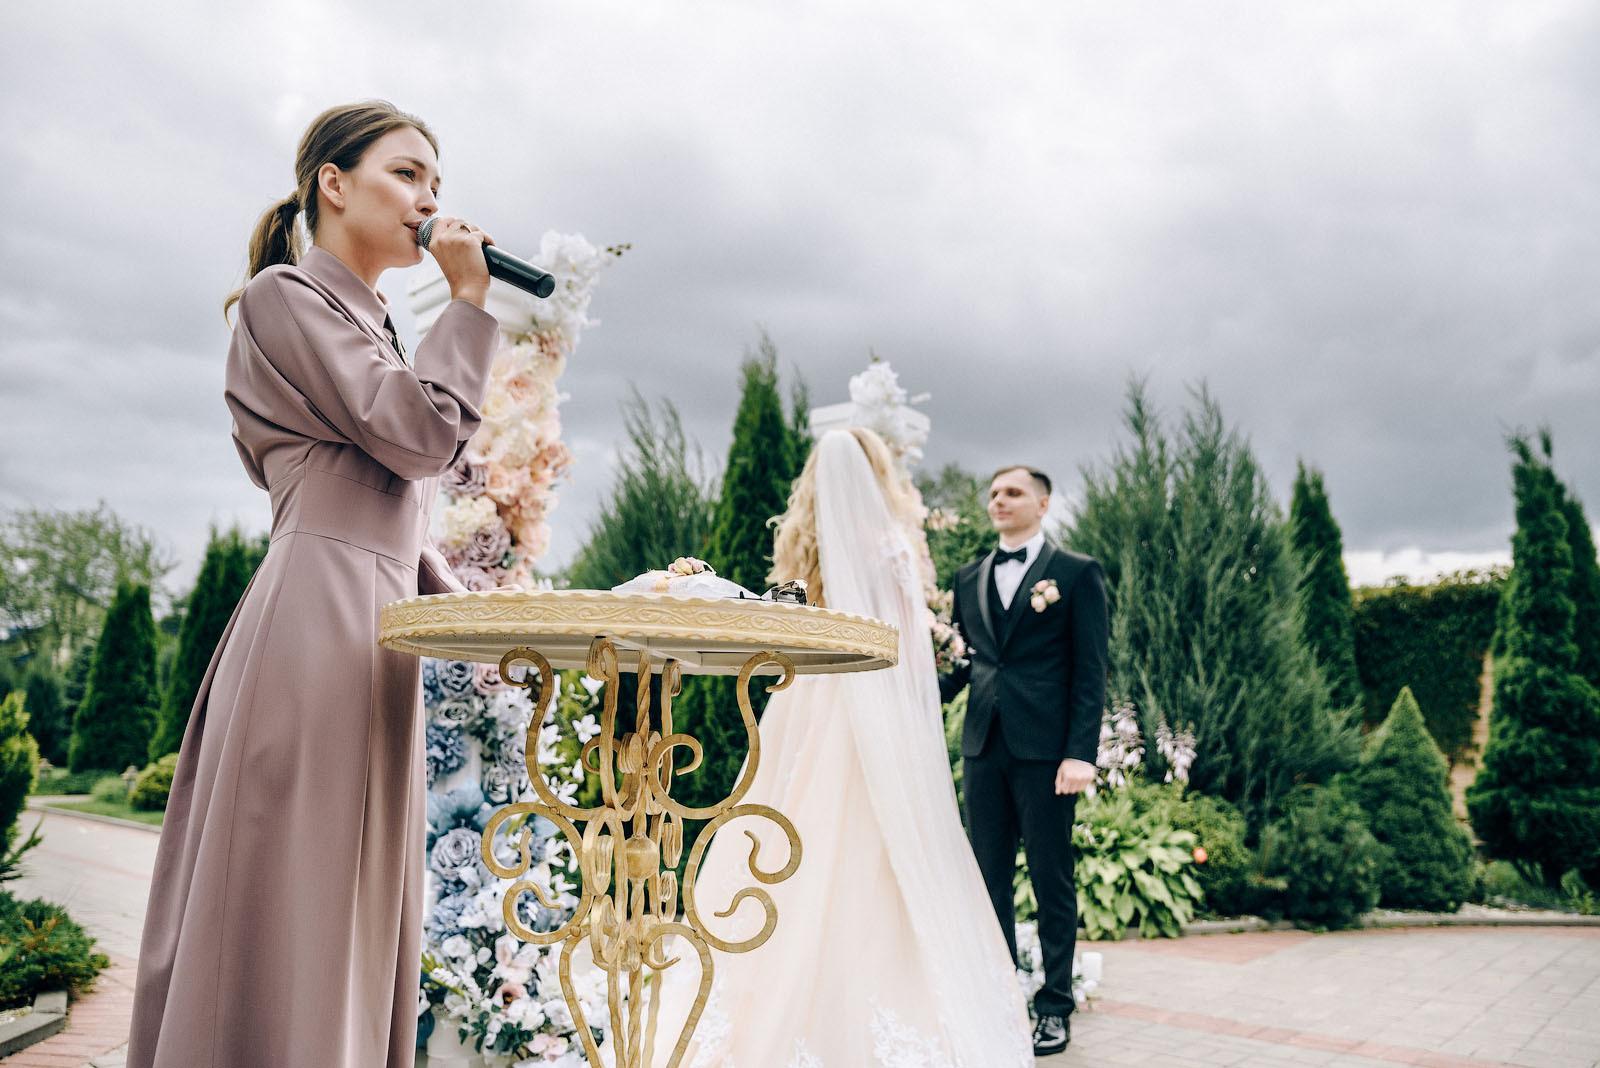 может свадебный маршрут в санкт петербурге для фото вариант для